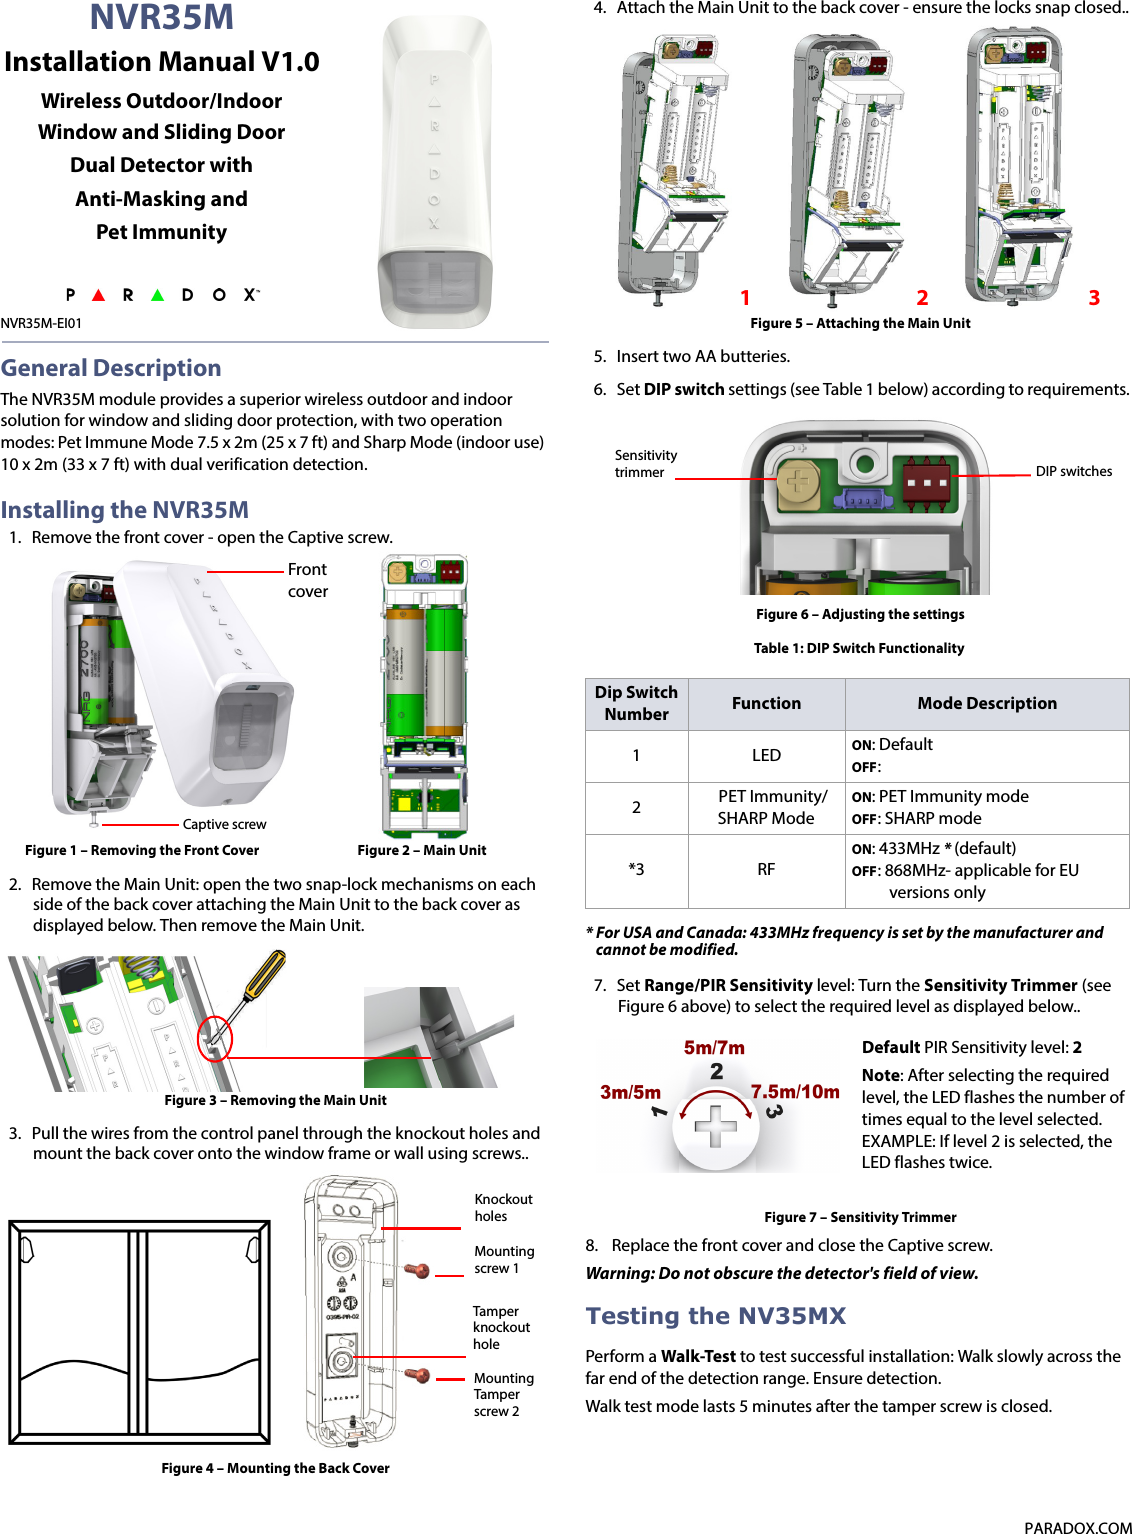 ids alarm system installation manual